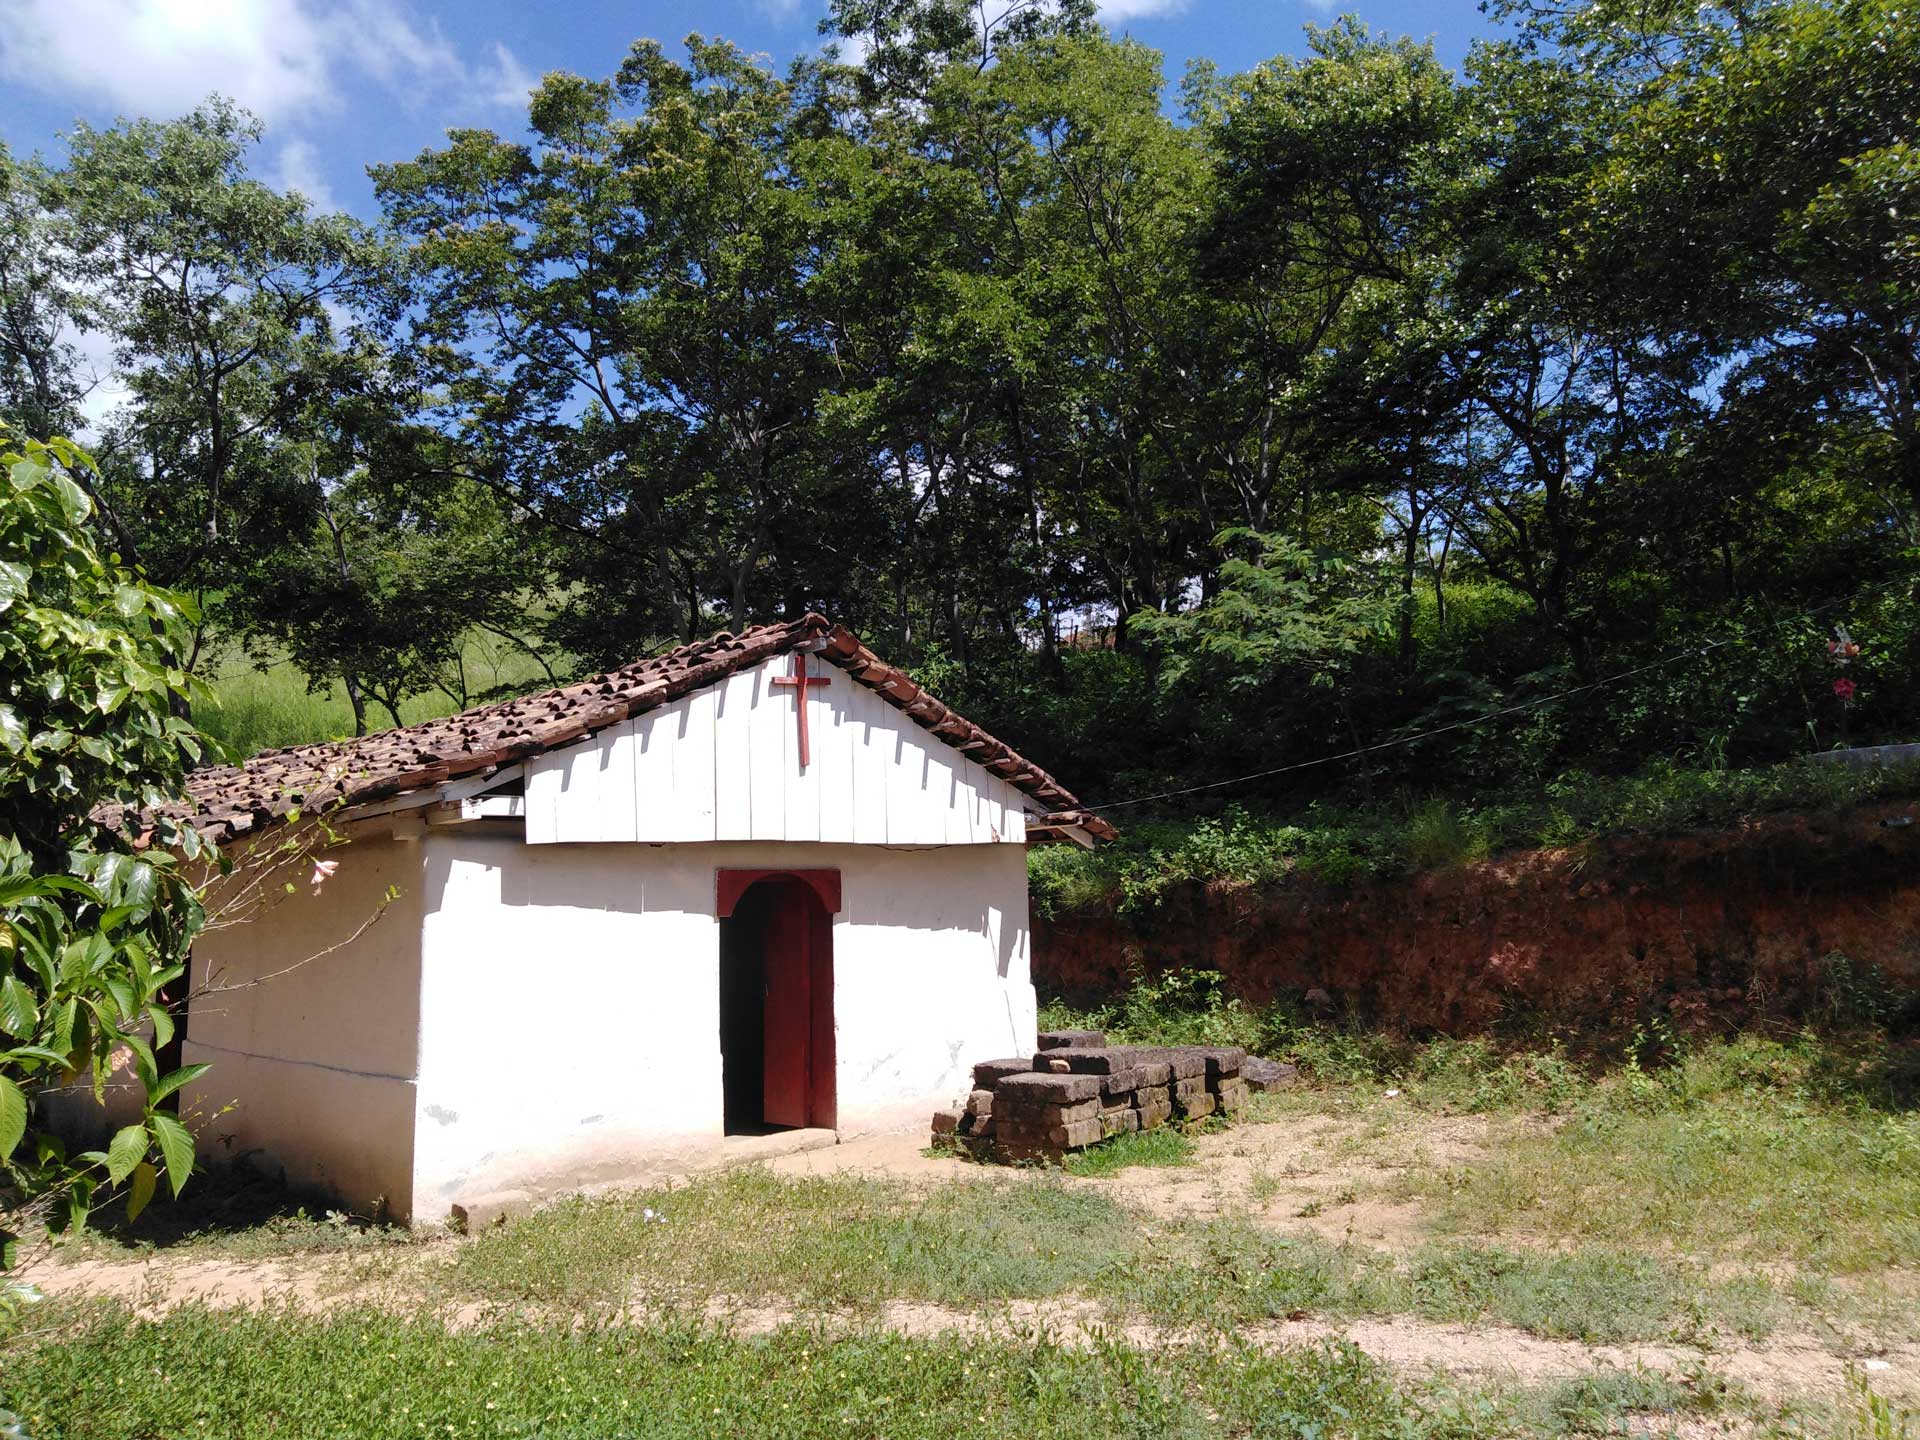 San Nicolás pertenece a la Diócesis de León, a pesar de estar en Estelí. Esta es un templo llamado hermita, en la comunidad Salmerón.